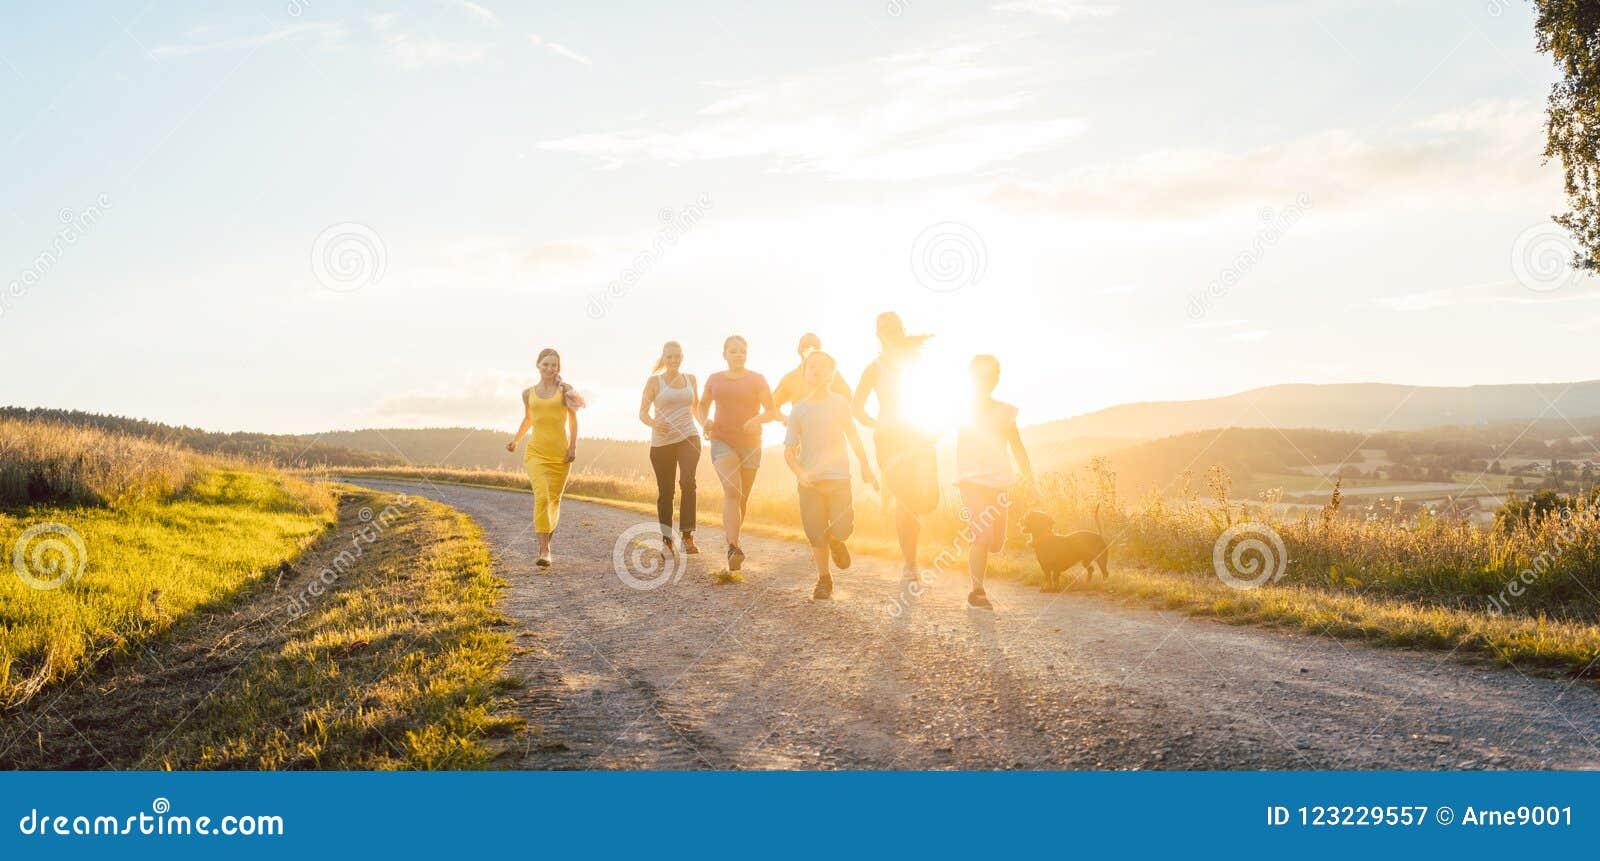 Família brincalhão que corre e que joga em um trajeto na paisagem do verão